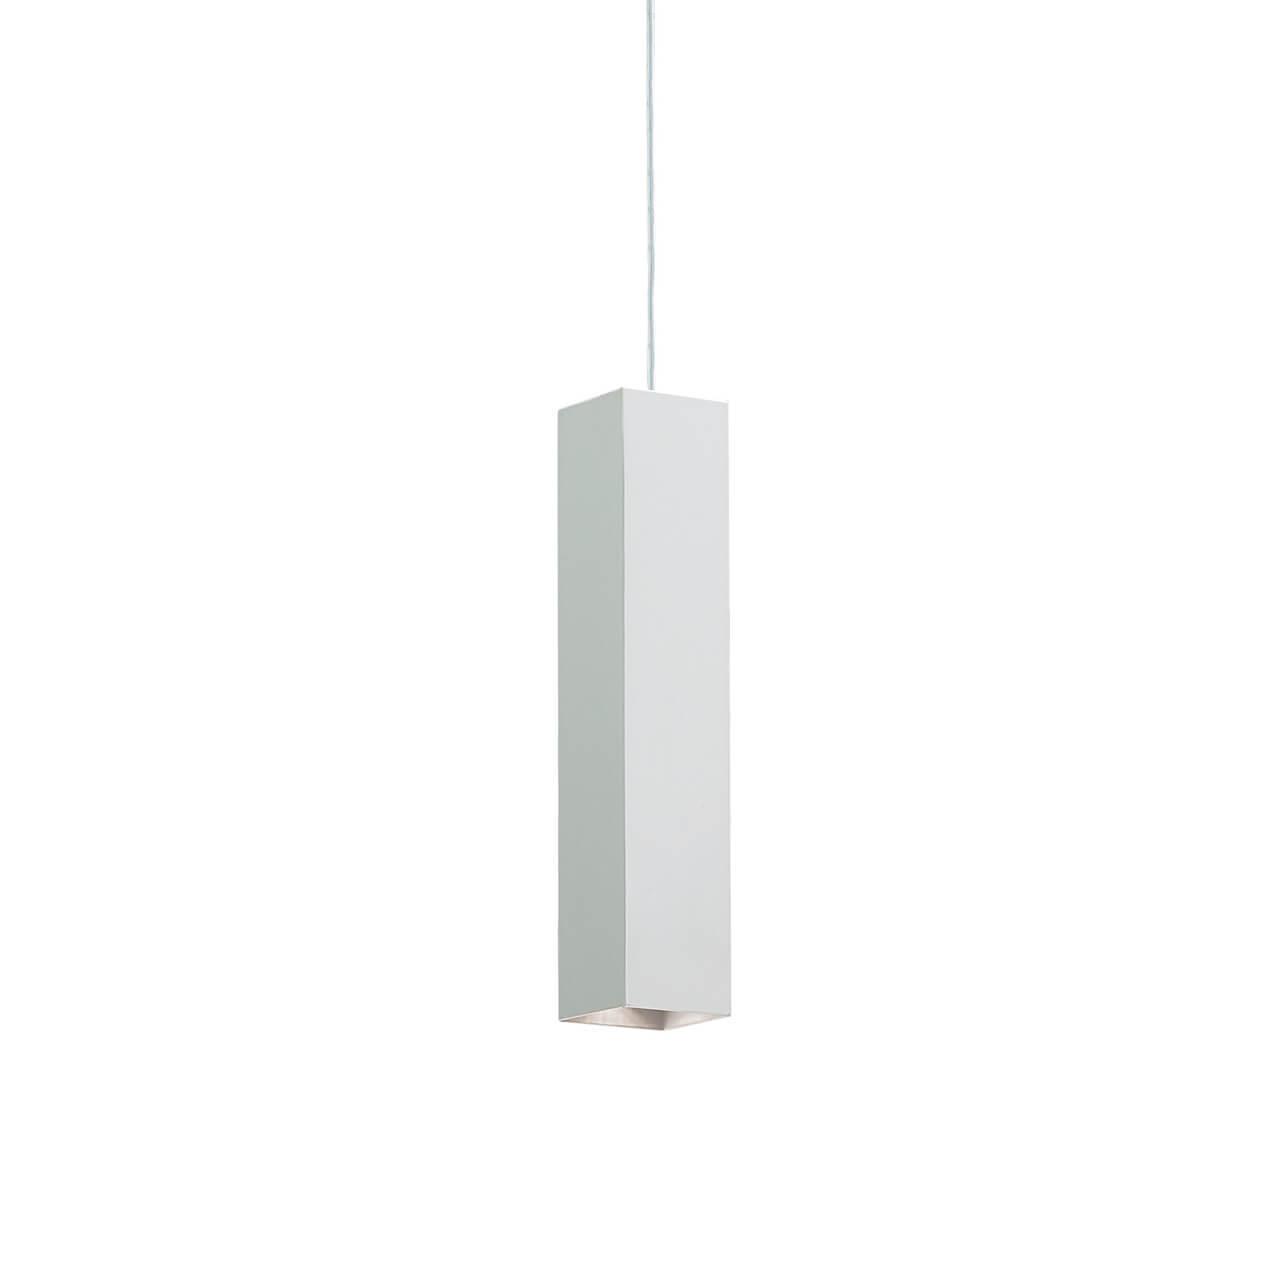 Подвесной светильник Ideal Lux Sky SP1 Bianco подвесной светильник ideal lux lido 3 sp1 bianco